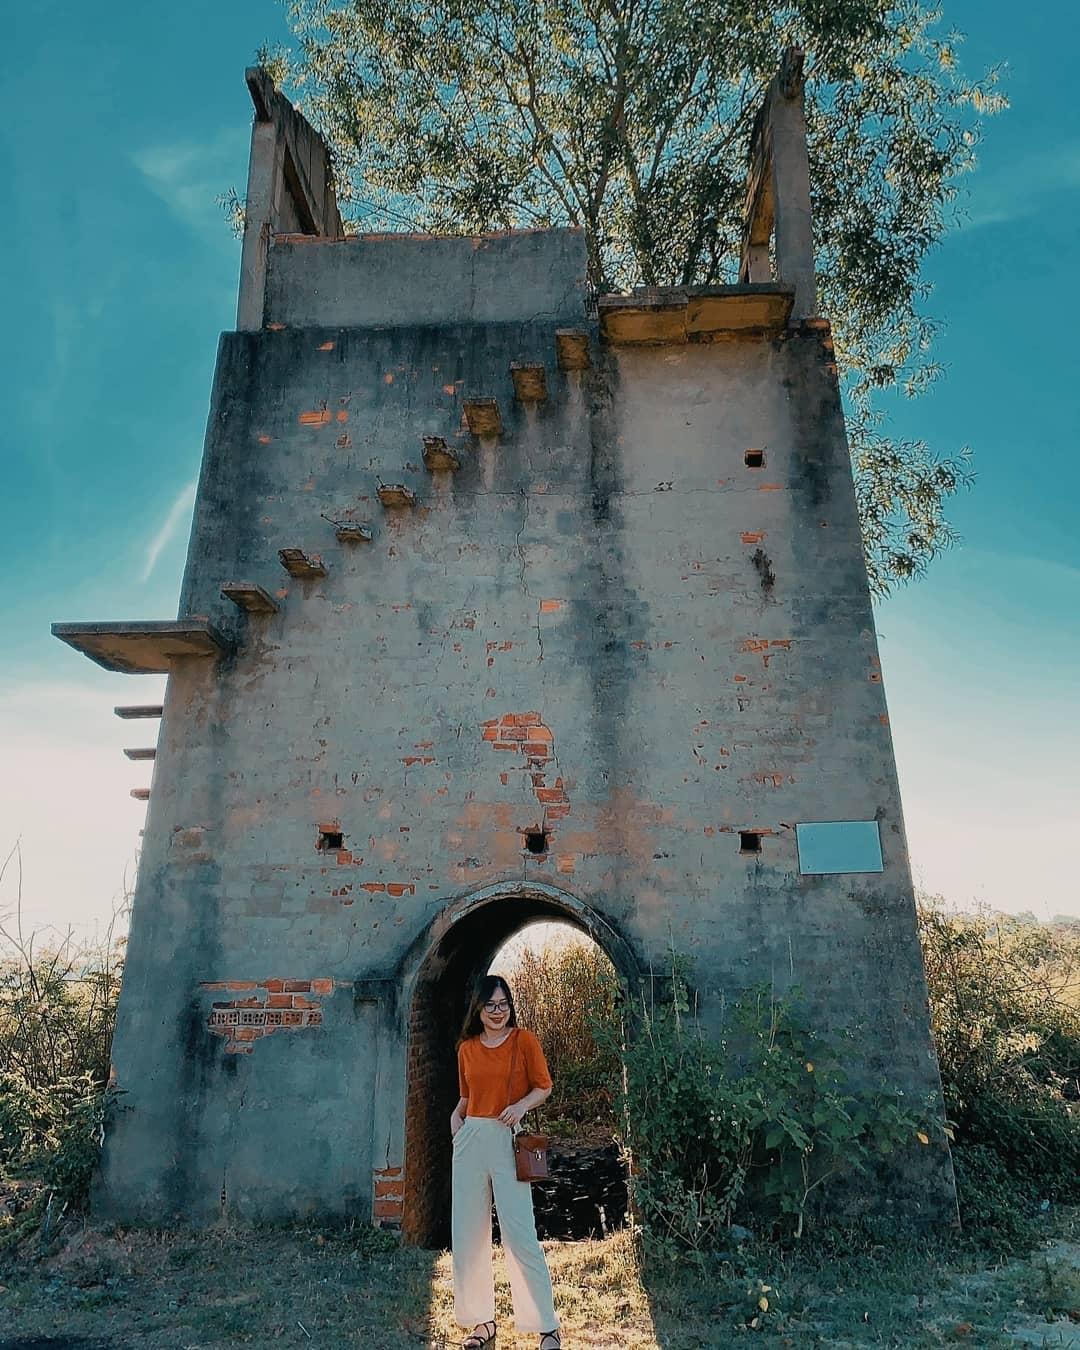 Lò gạch cũ Duy Vinh, Hội An